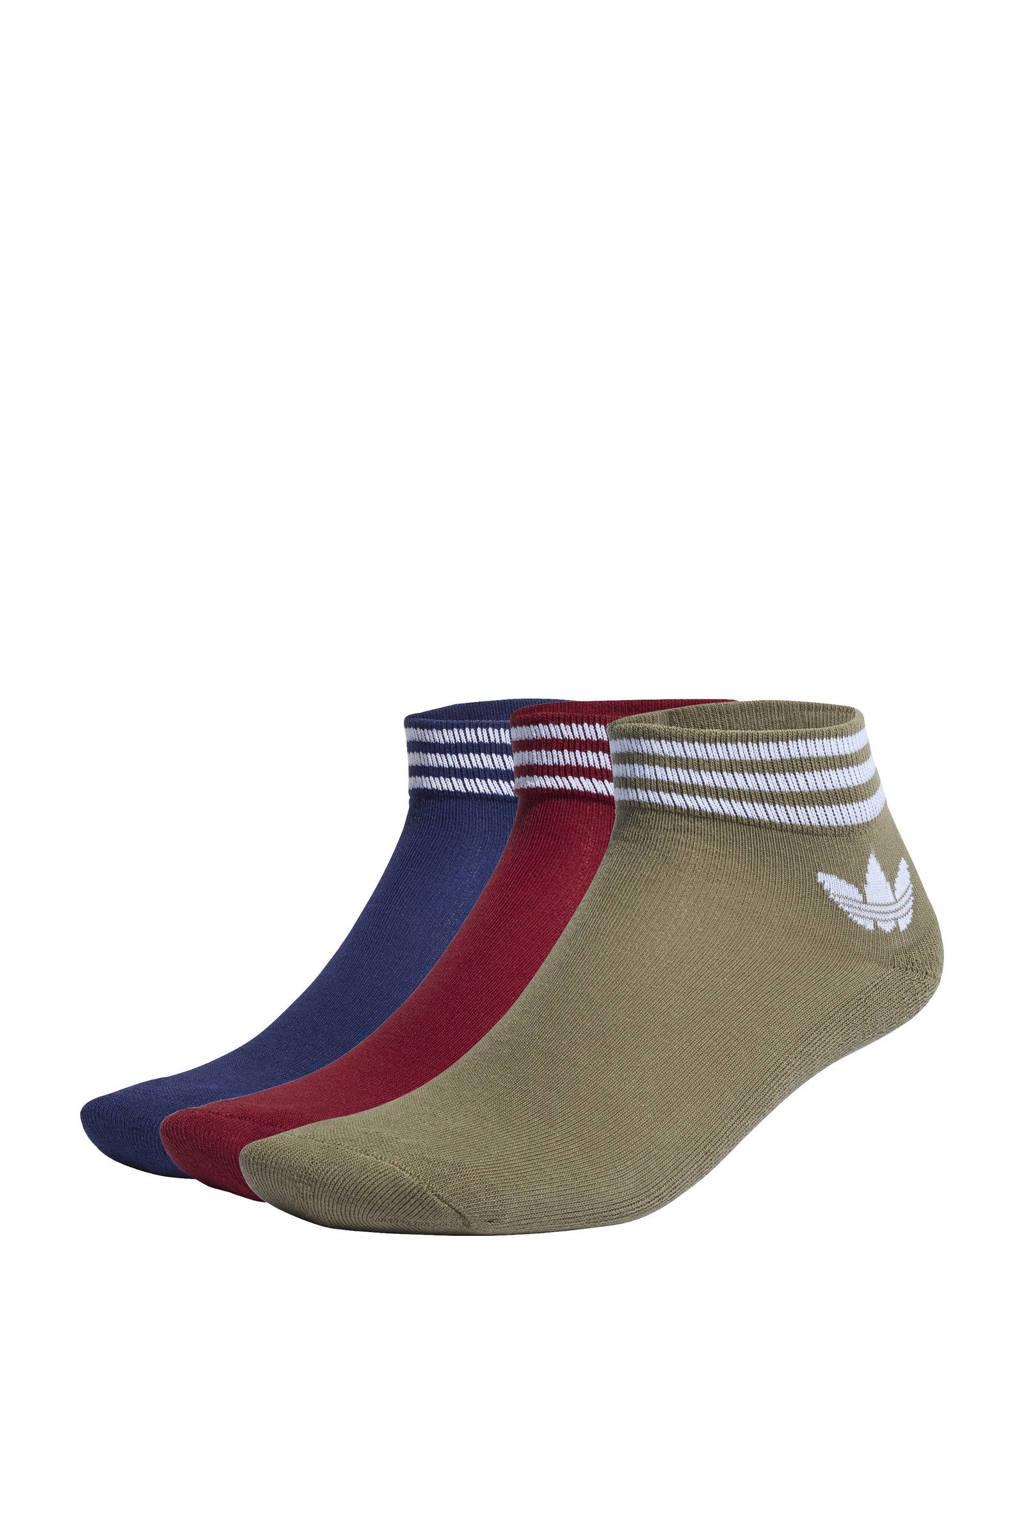 adidas Originals Adicolor sokken - set van 3 donkerrood/donkerblauw/olijfgroen/wit